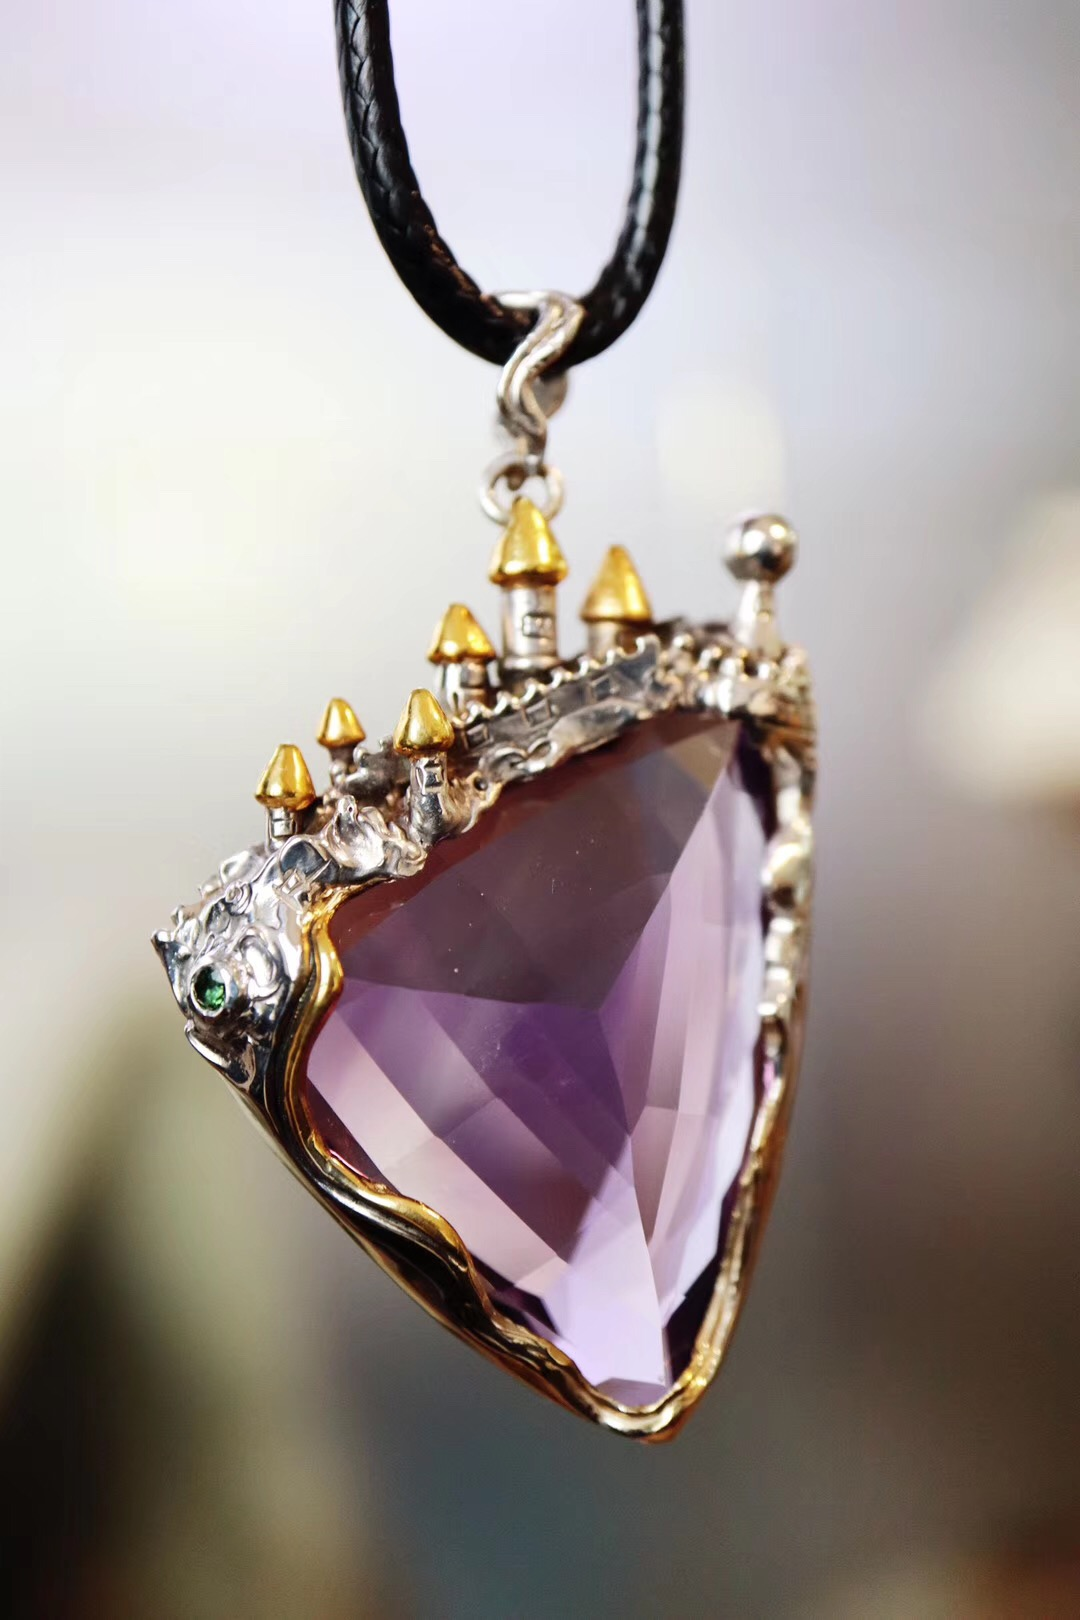 【紫晶&童话城堡】因为相信,所以看见-菩心晶舍